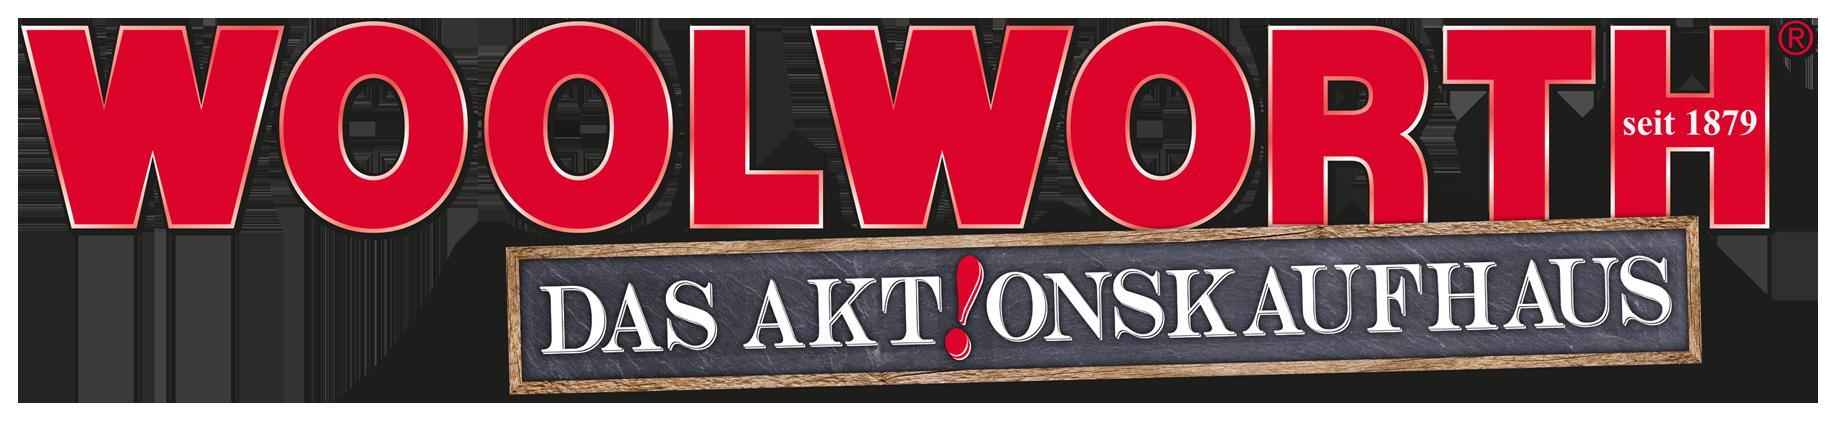 woolworth-logo-freiburg